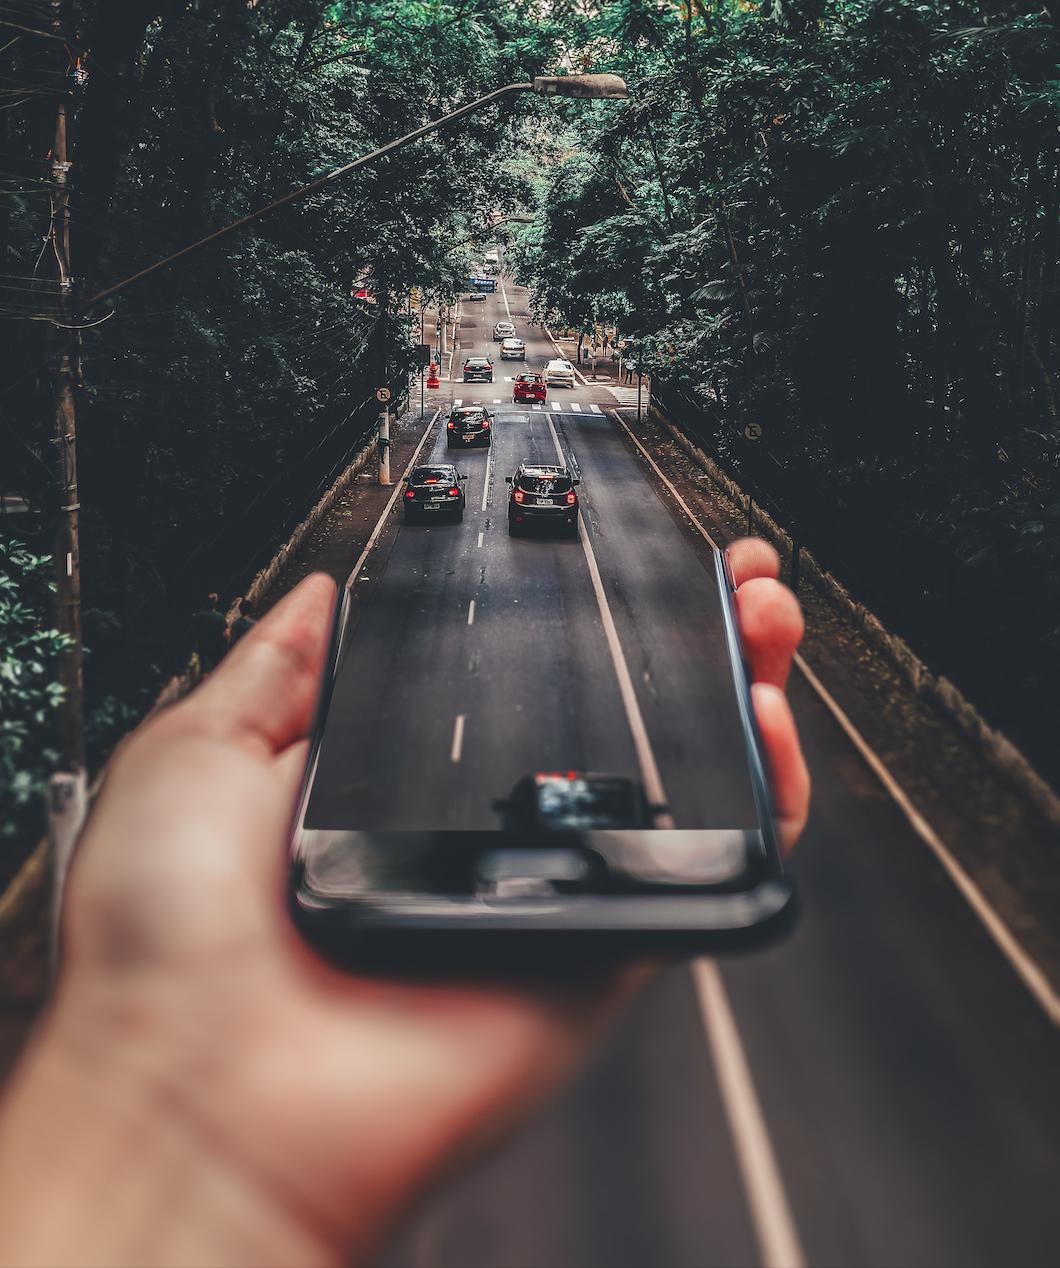 Symbolbild innovative Mobilität: Eine Hand hält ein Smartphone aus dem Auto herausfahren.